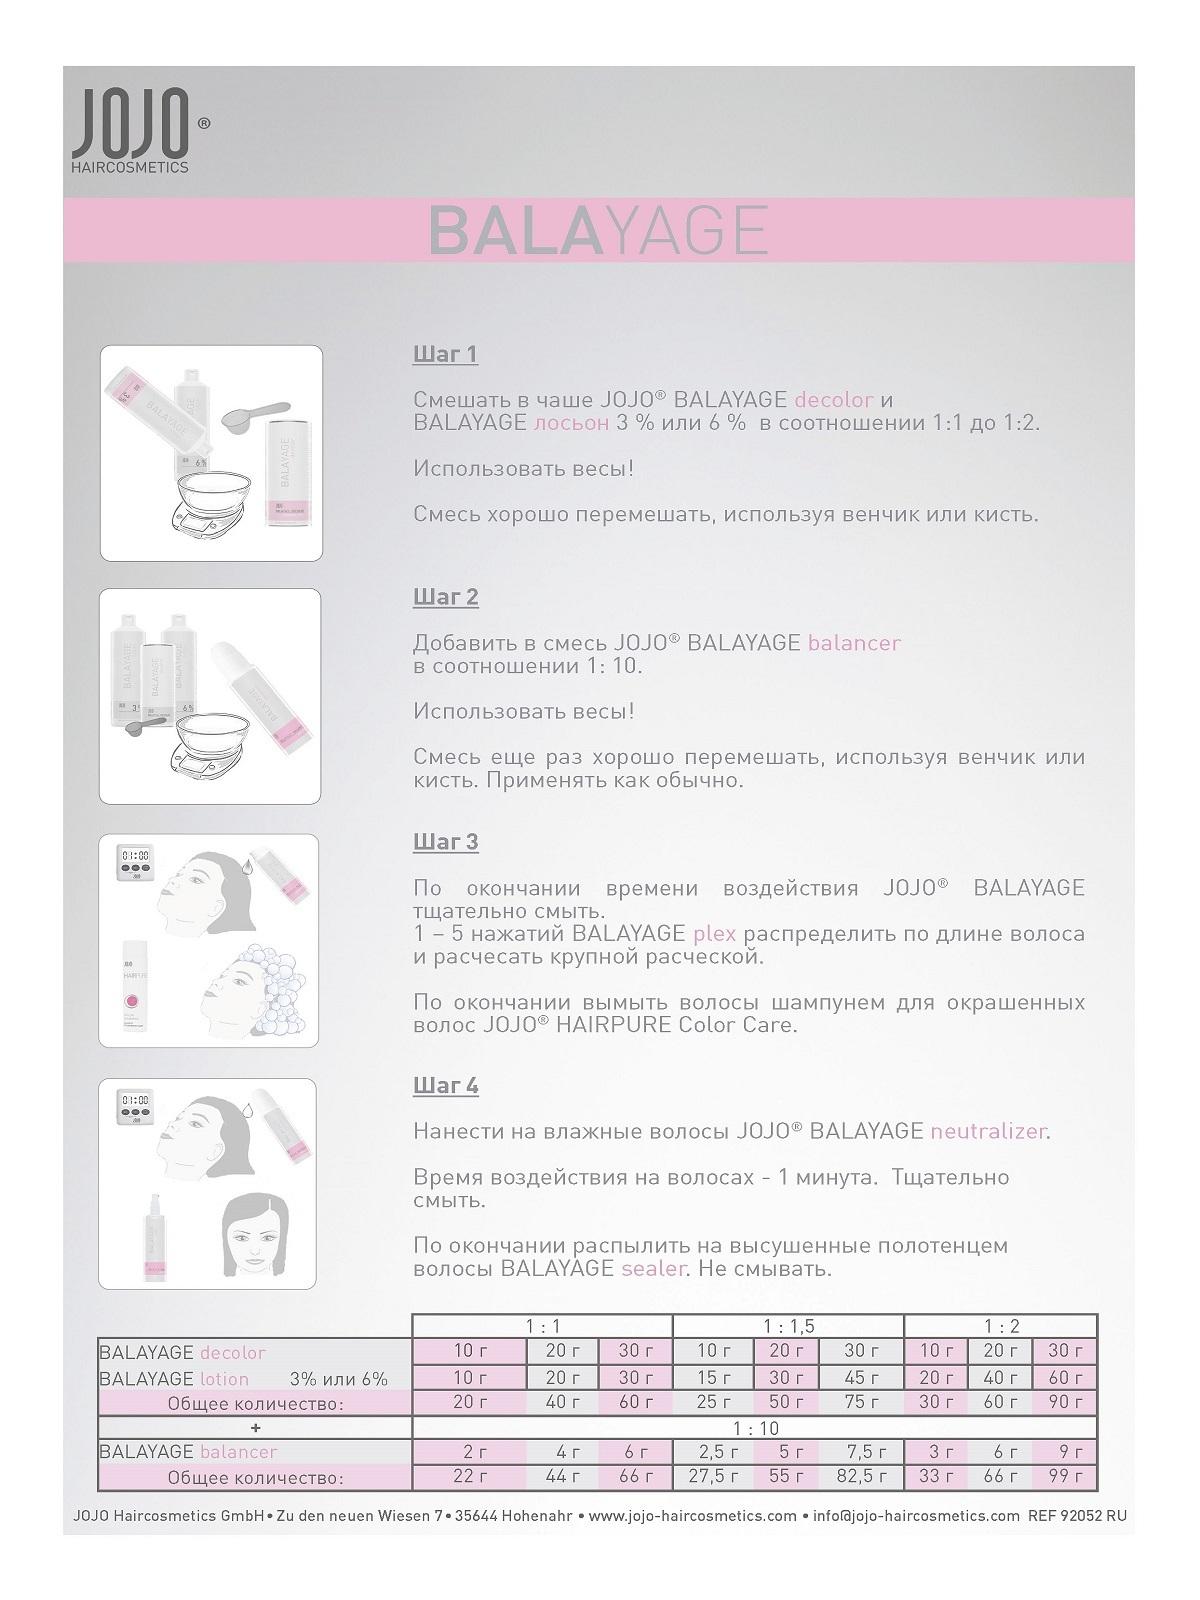 Оксидант, Balayage Lotion 6%